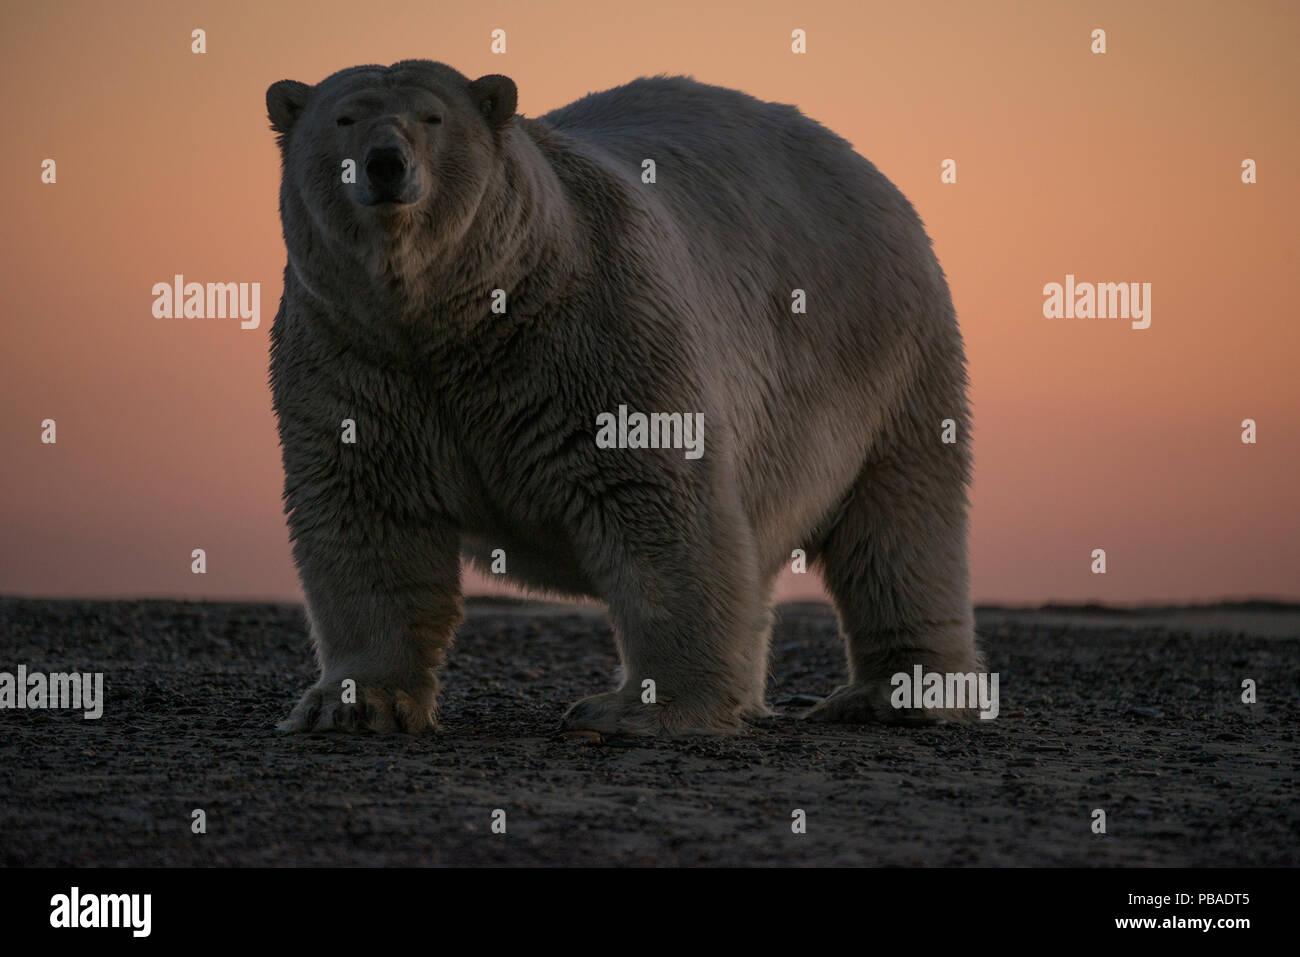 El oso polar (Ursus maritimus) retrato contra el cielo al atardecer, Bernard Spit, fuera de la zona de 1002, el Arctic National Wildlife Refuge, North Slope, en Alaska, EE.UU. Septiembre. Las especies vulnerables. Imagen De Stock